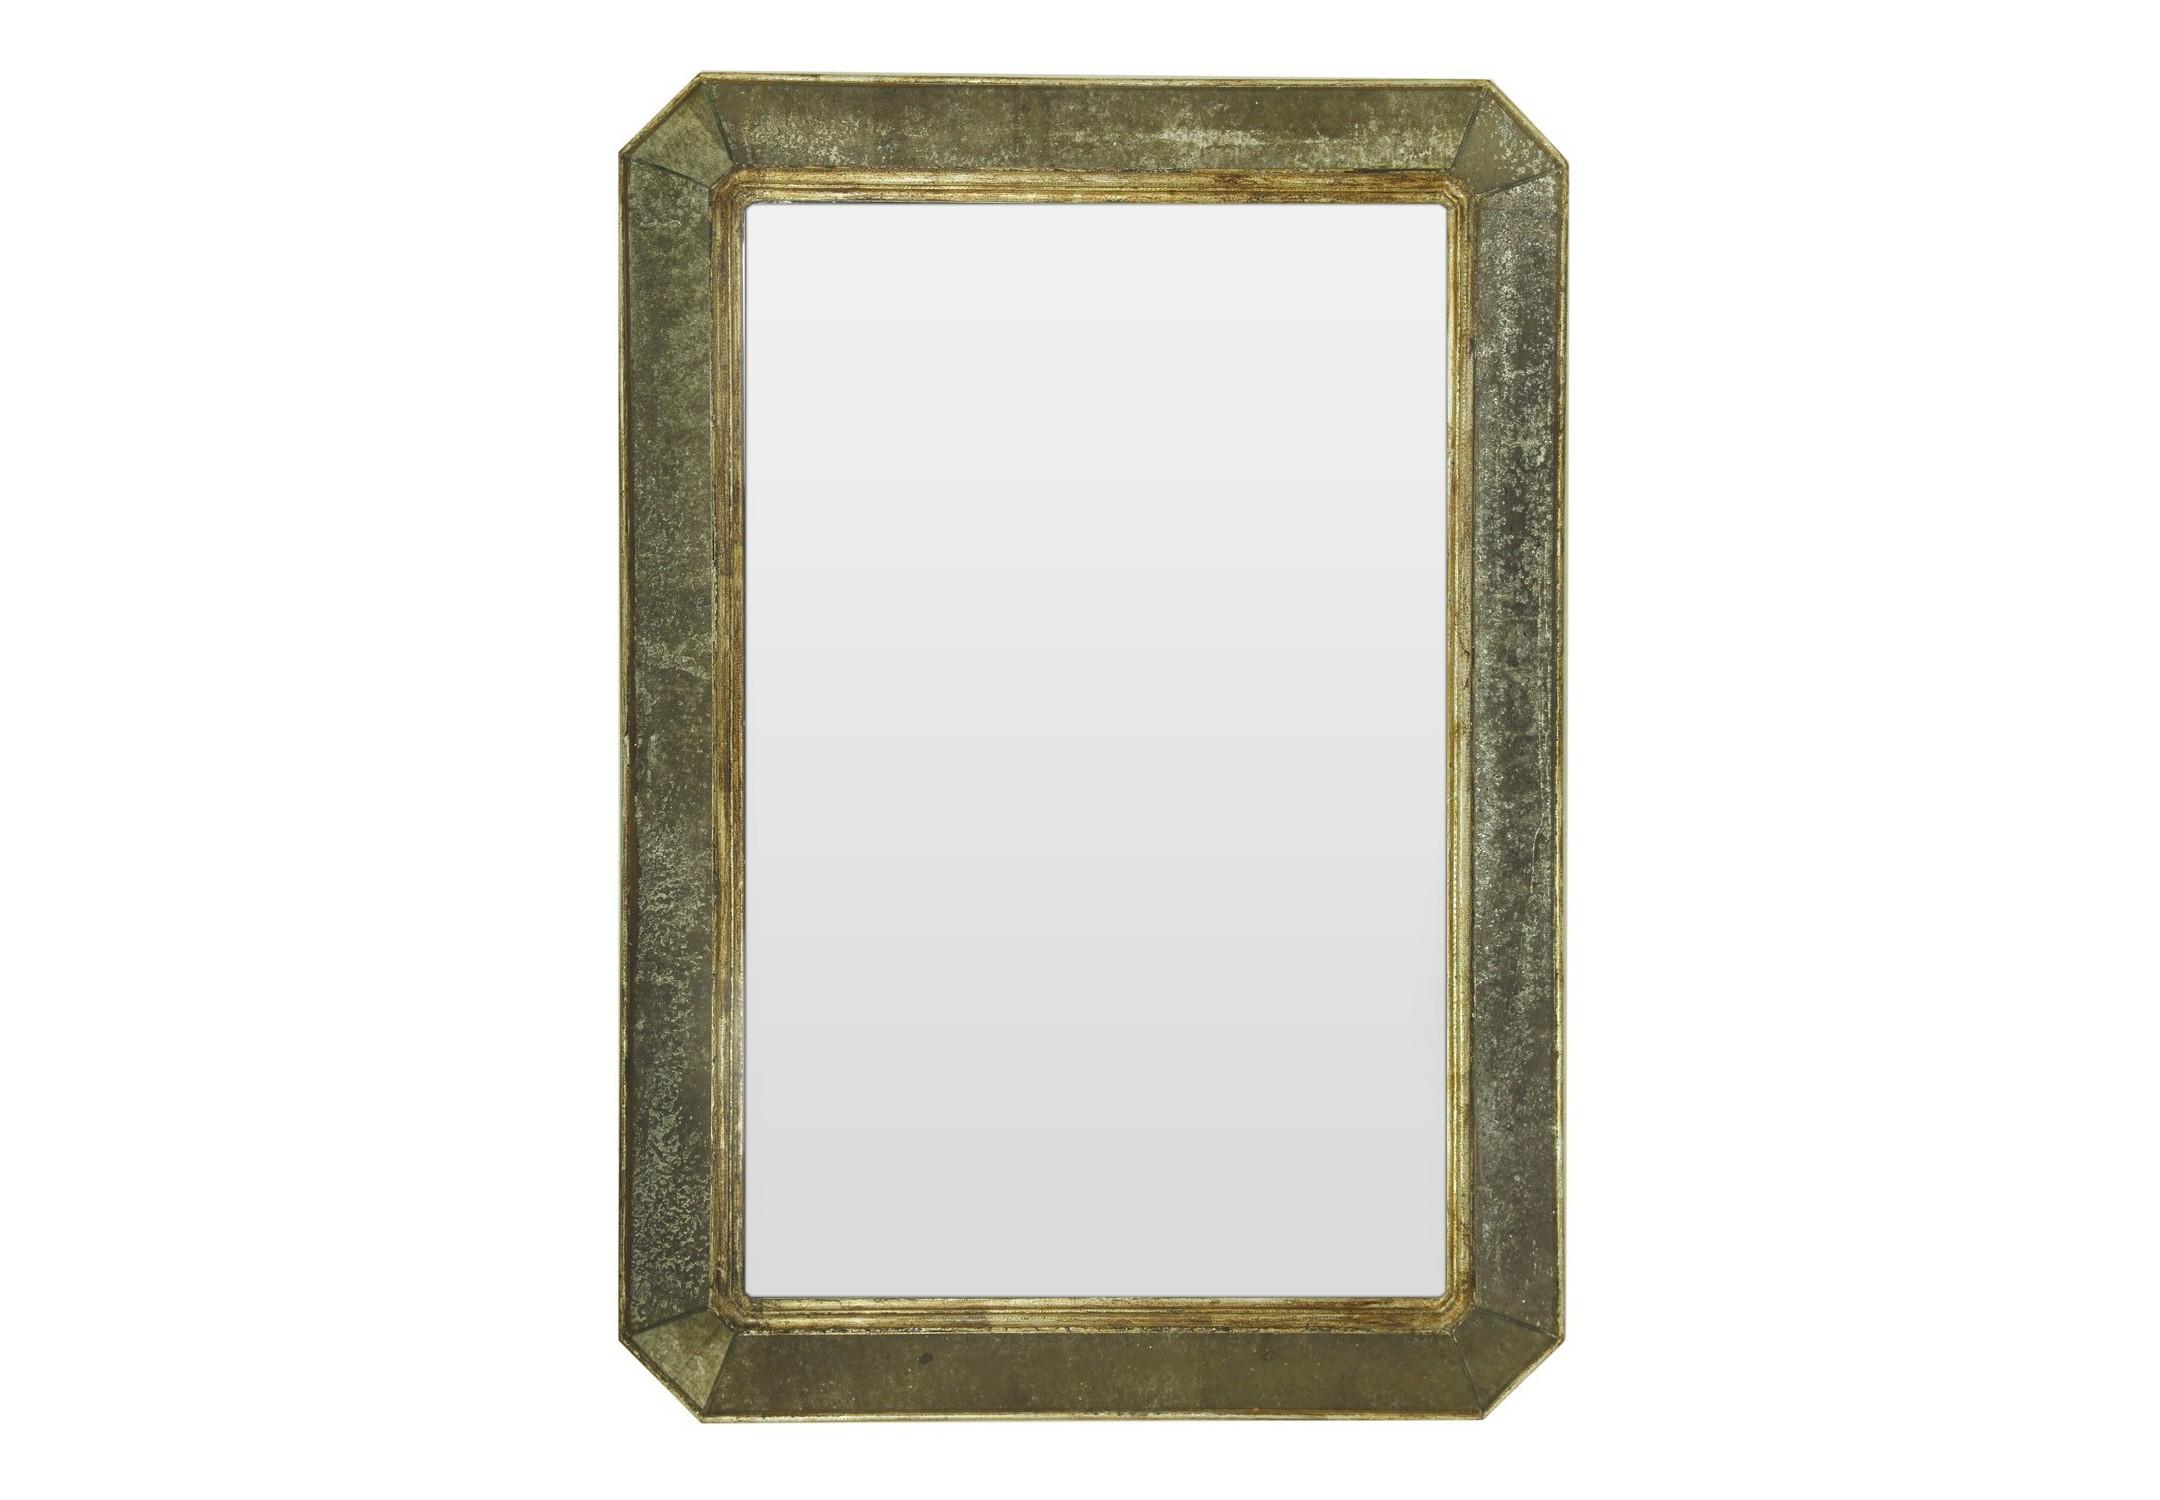 Зеркало ручной работы Королевское счастьеНастенные зеркала<br>Это зеркало создано для тех, кто привык жить с королевским размахом. Особенный шарм изделию придает удивительное сочетание классических и декоративных зеркал. Руками лучших мастеров достигается удивительный эффект состаривания, благодаря которому этот дизайнерский предмет выглядит как настоящая семейная реликвия.  Изящные вставки по краям рамы сглаживают острые углы и делают его более утонченным.&amp;amp;nbsp;&amp;lt;div&amp;gt;&amp;lt;br&amp;gt;&amp;lt;/div&amp;gt;&amp;lt;div&amp;gt;Материалы: основа - массив дерева; рама - натуральное дерево, состаренное зеркало серебряной амальгамы; зеркальное полотно - классическое зеркало серебряной амальгамы.&amp;lt;/div&amp;gt;<br><br>Material: Дерево<br>Ширина см: 57<br>Высота см: 81<br>Глубина см: 4